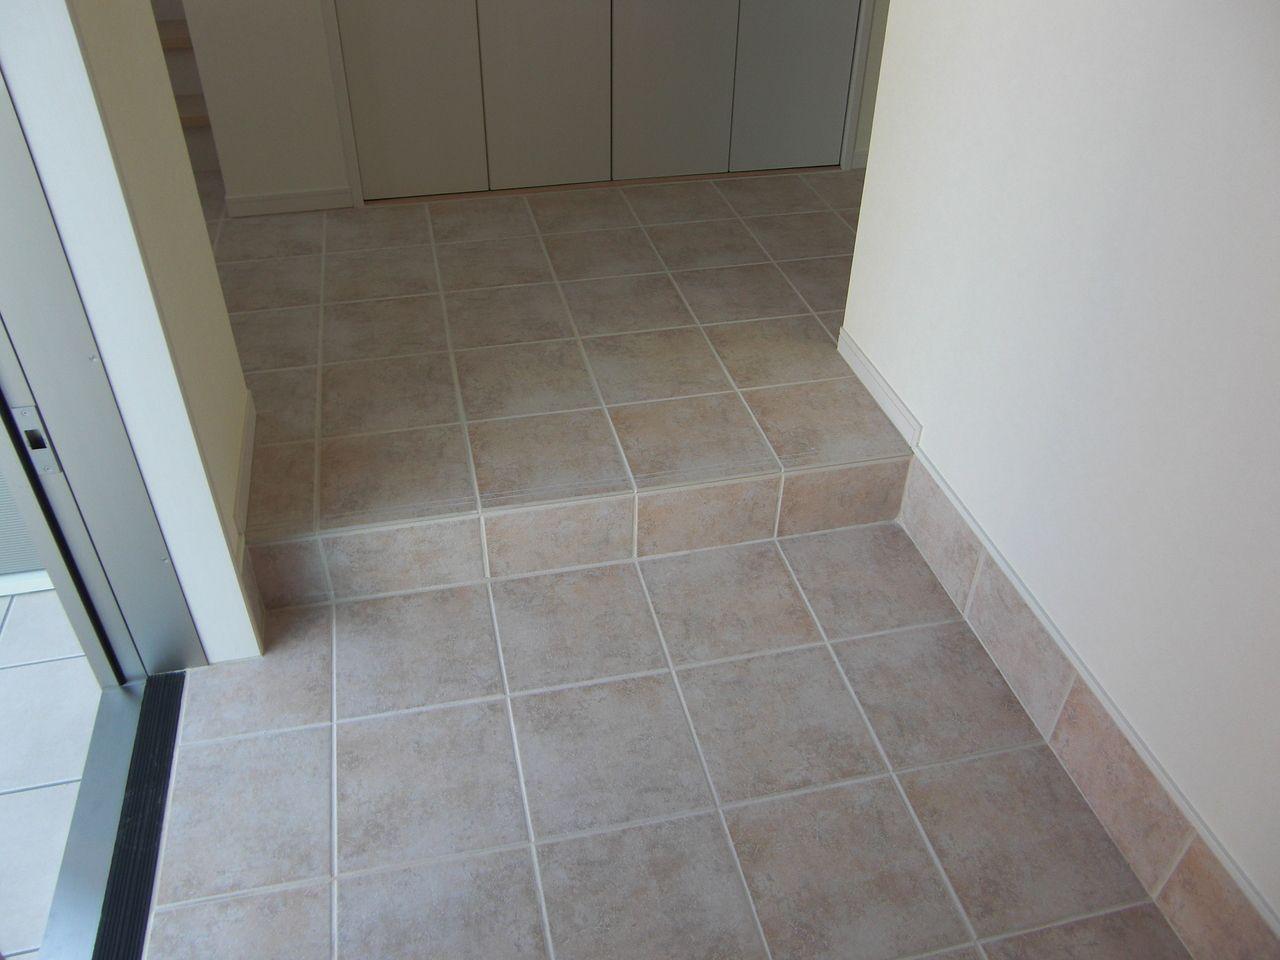 1Fは納戸以外はタイル貼りです。なんと、玄関にも床暖が入っています。